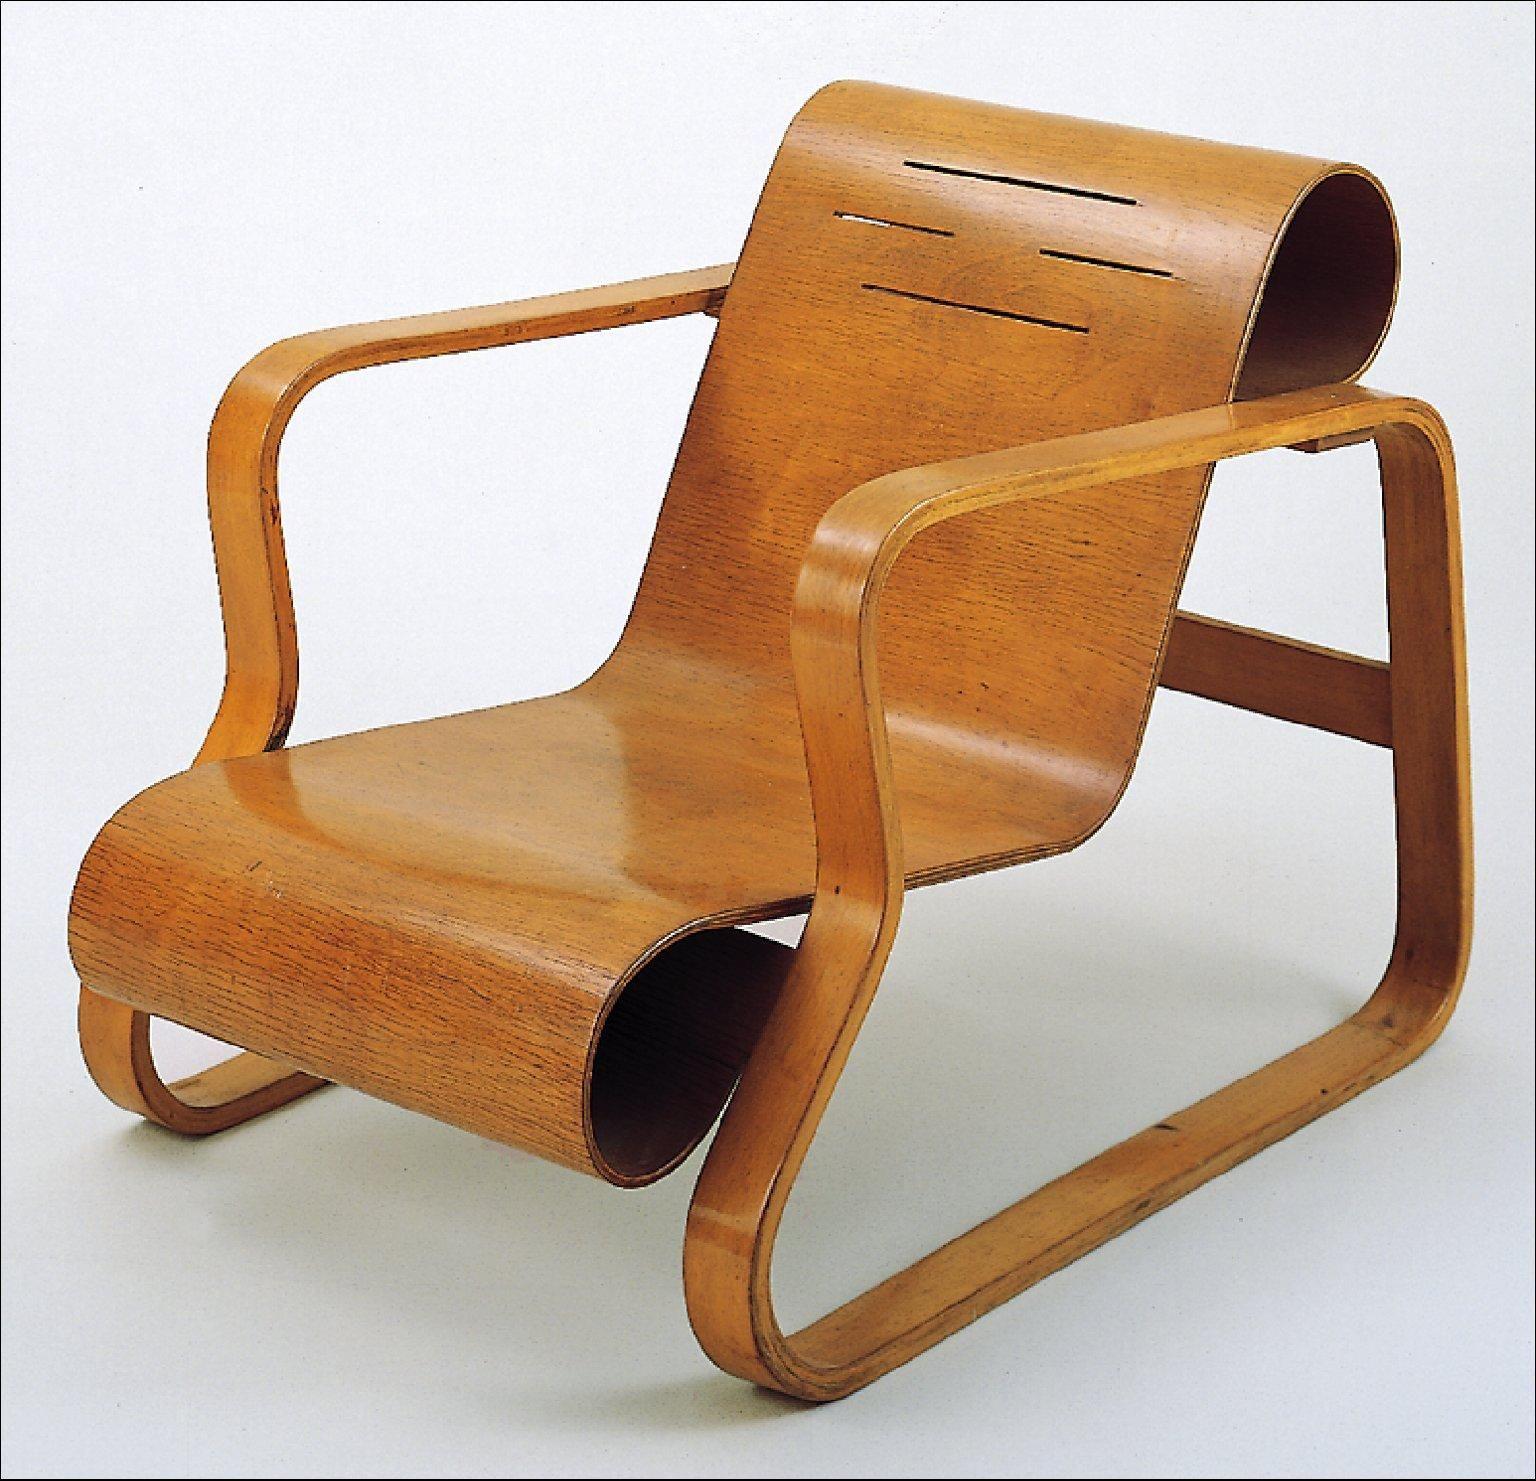 design finlandais alvar aalto 1932 fauteuil paimio pour finmar bois mobilier 1930s. Black Bedroom Furniture Sets. Home Design Ideas